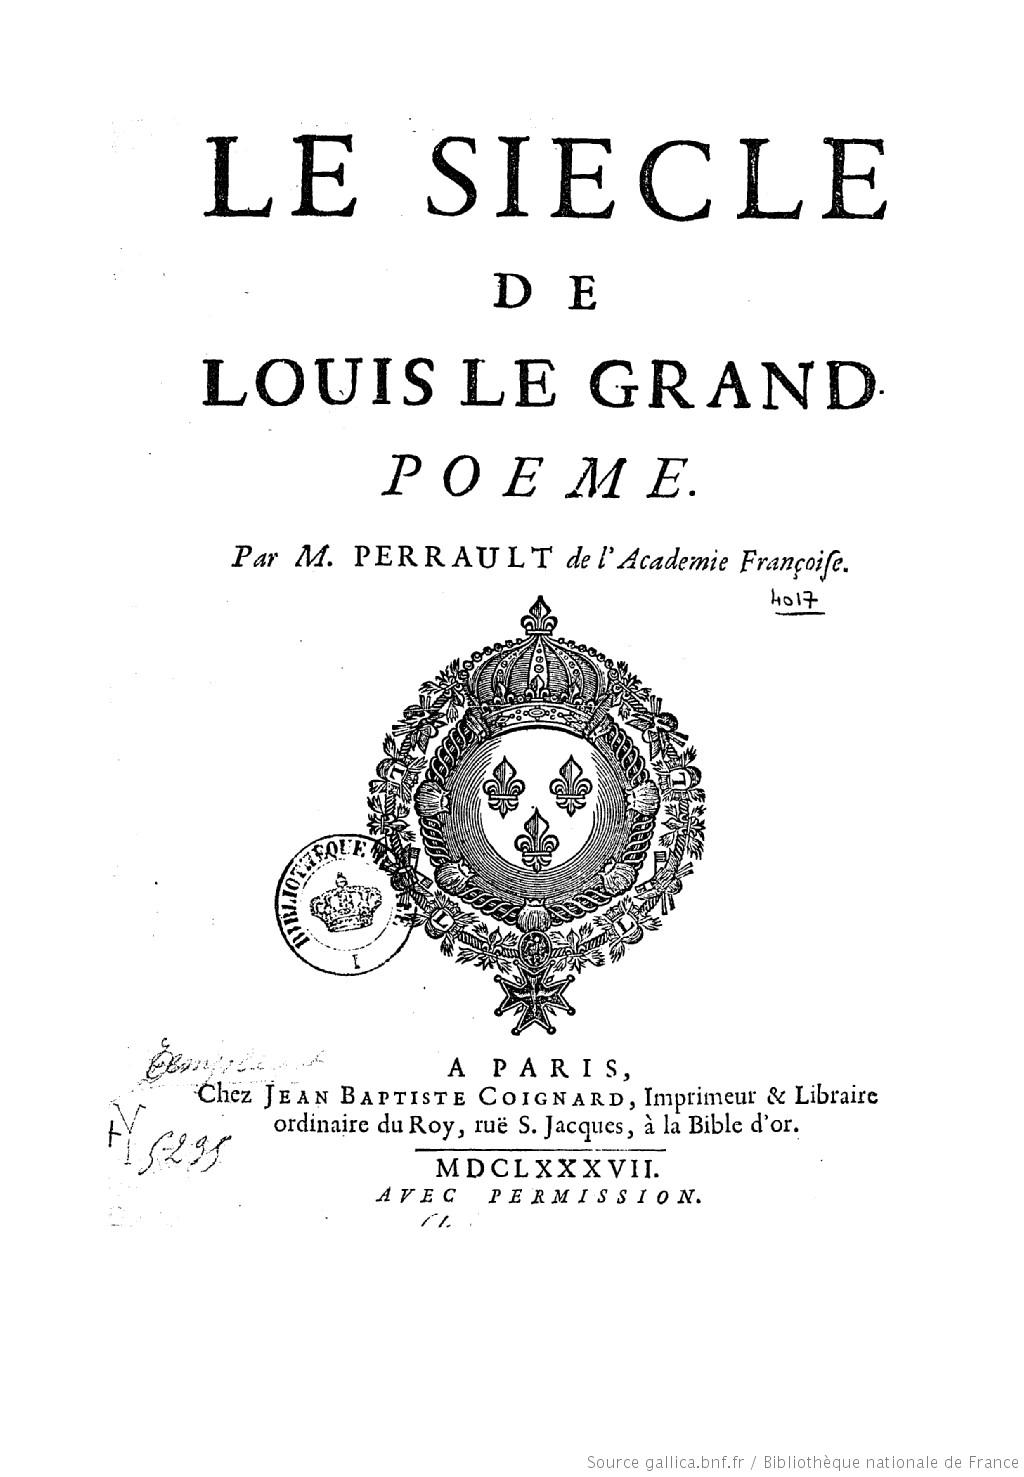 シャルル=ルイ・ド・モンテスキュー『ペルシア人の手紙』とシャルル・ペロー『ルイ大王の世紀』